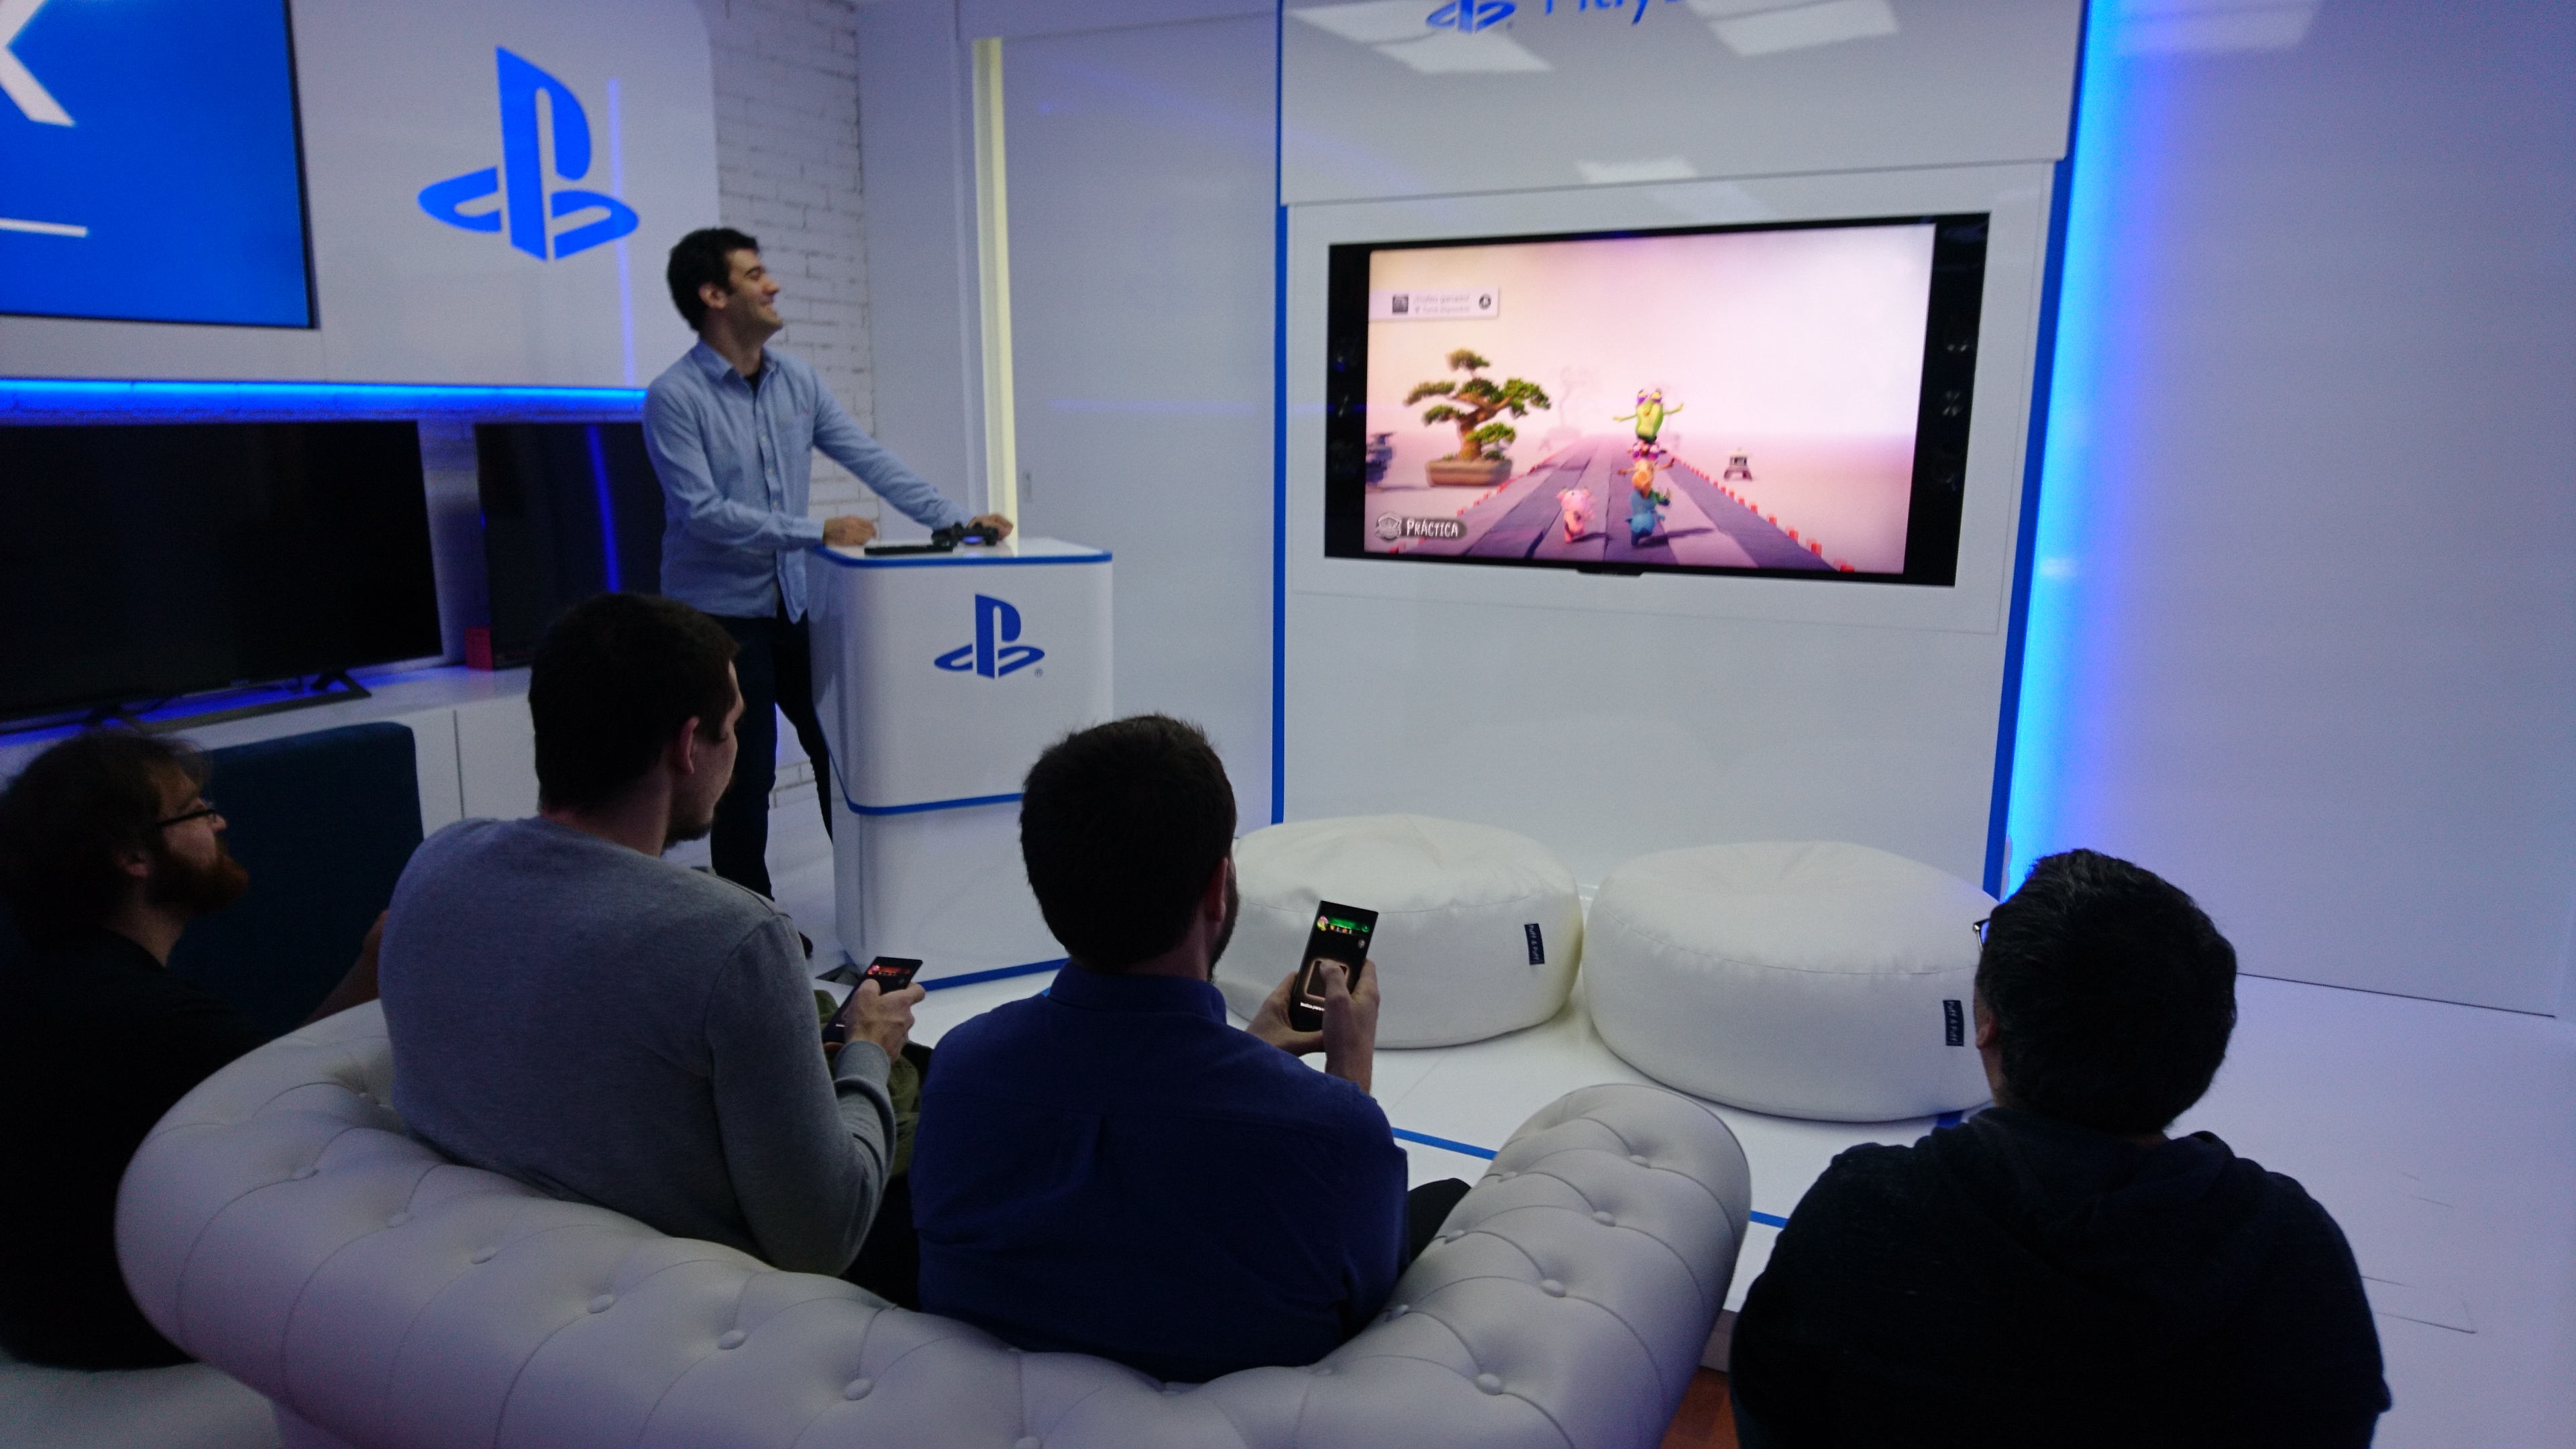 PlayStation showroom